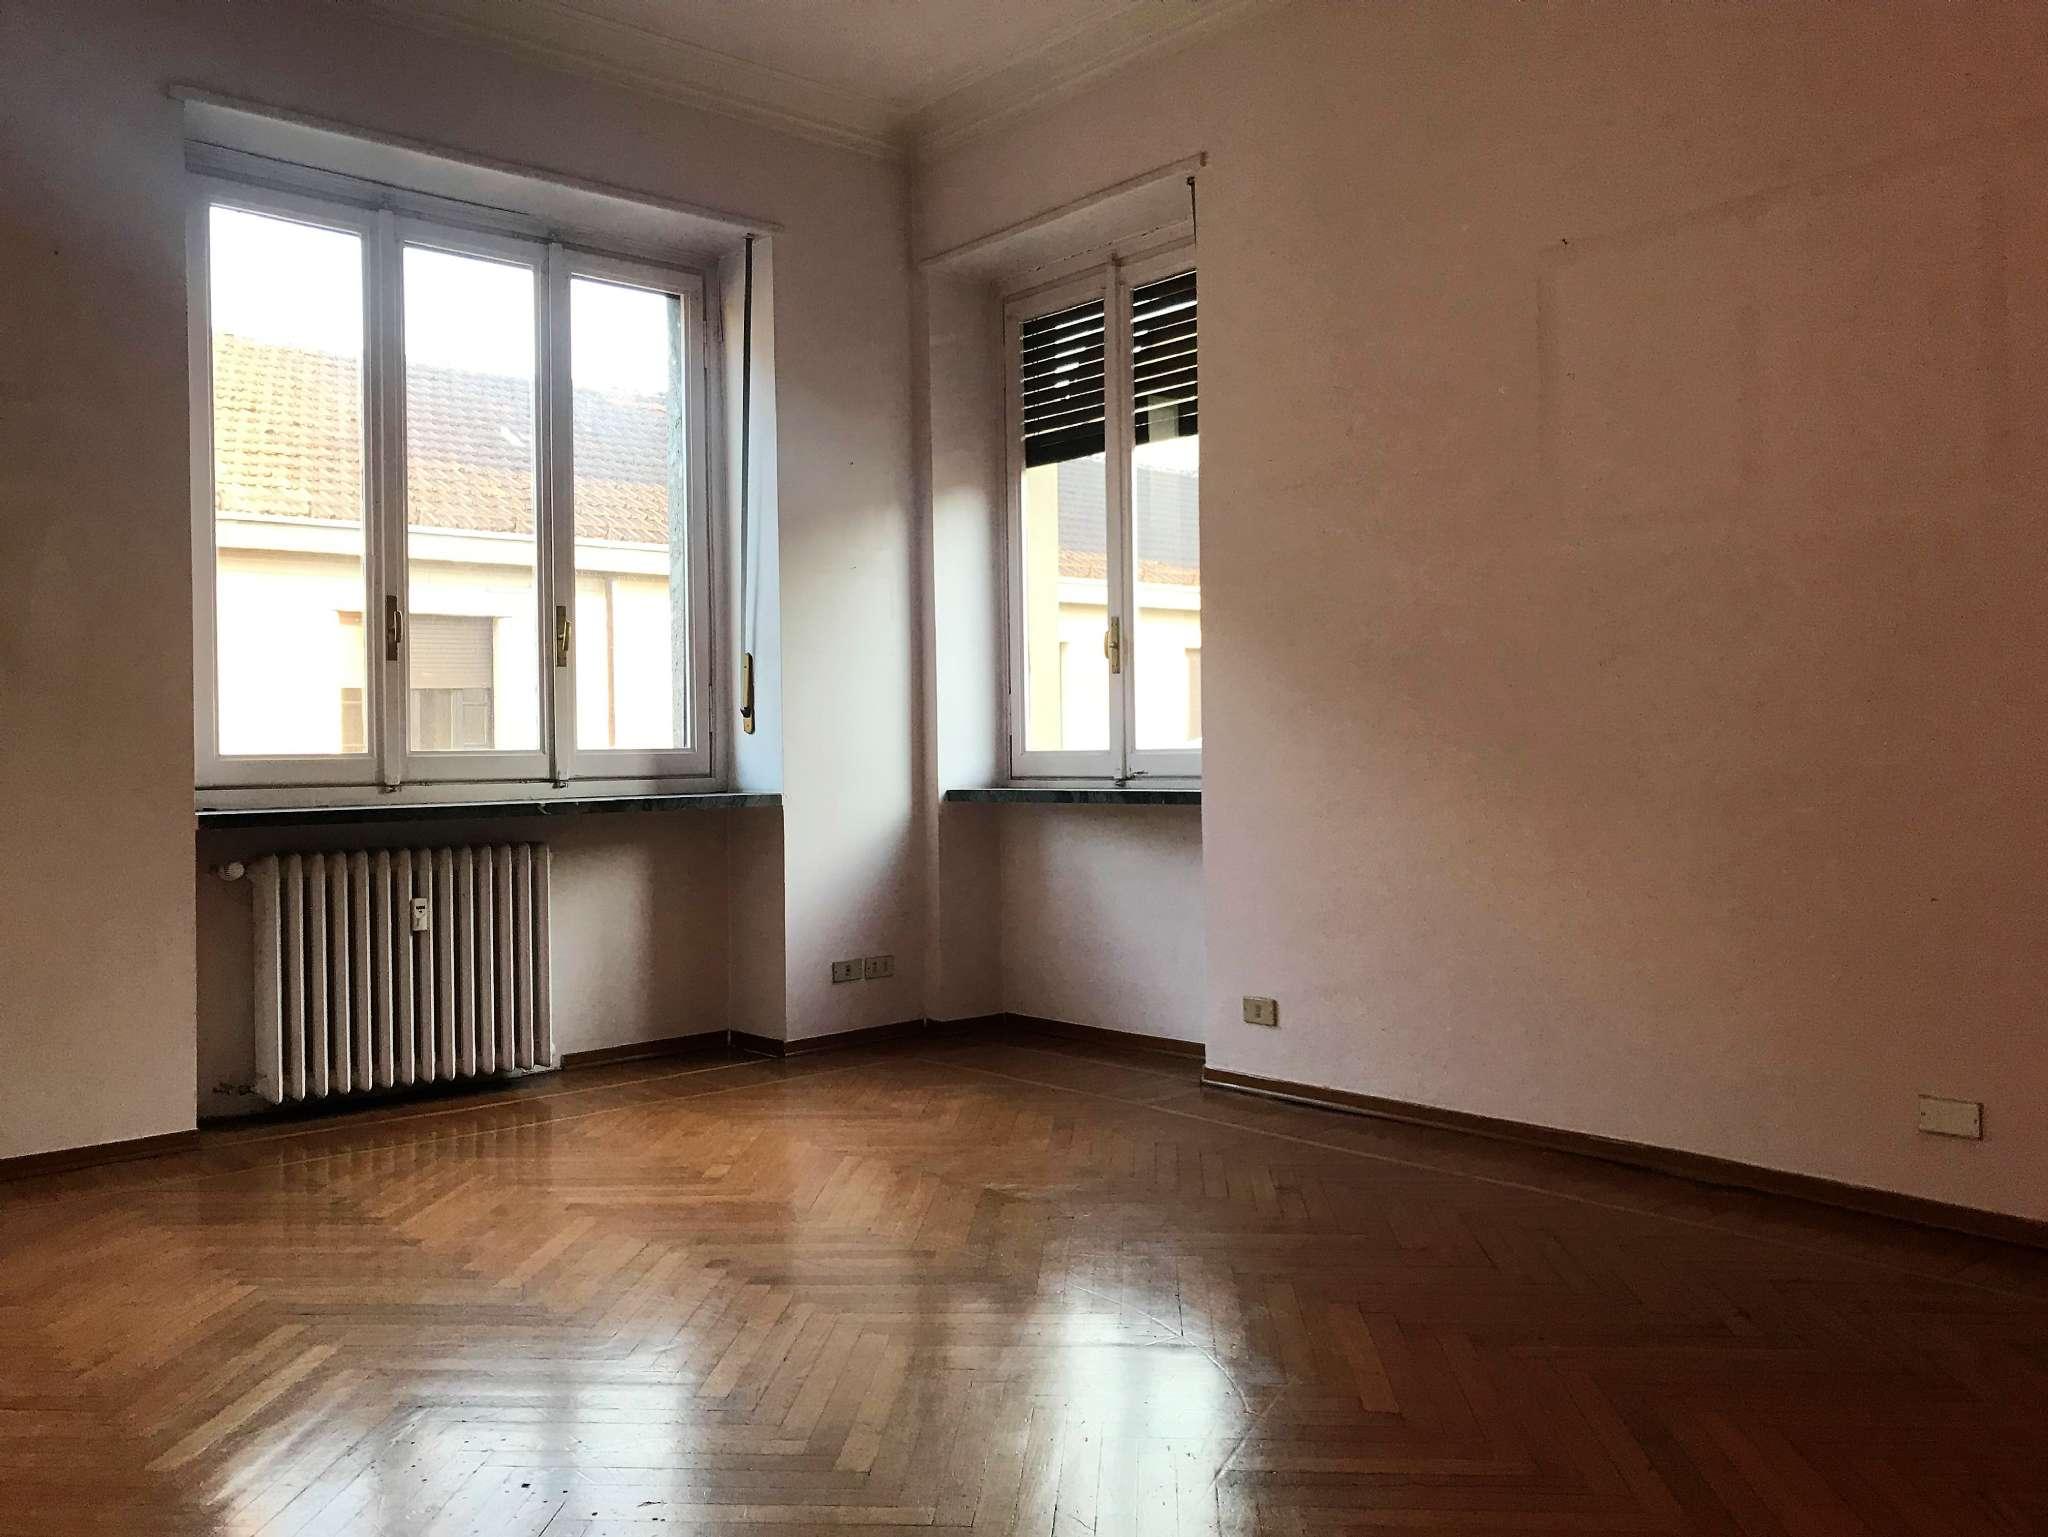 Appartamento quadrilocale in affitto a Torino (TO)